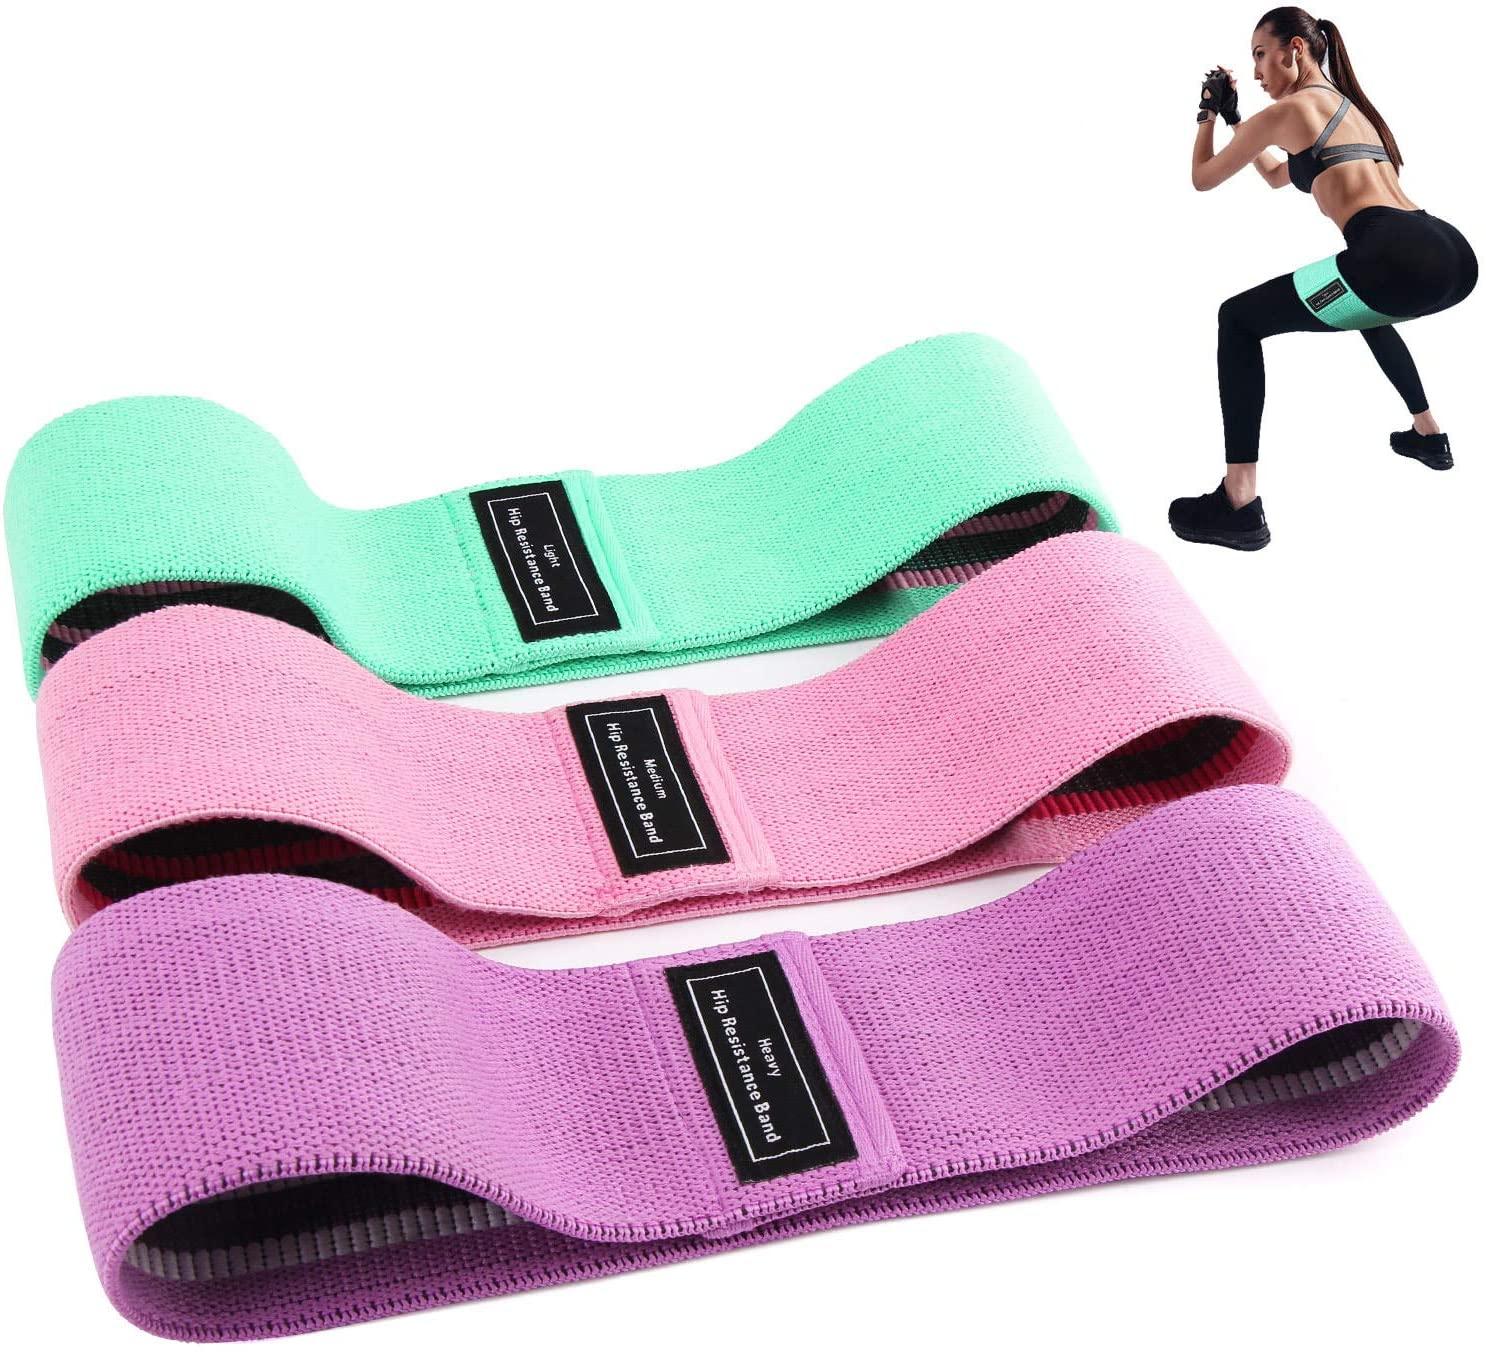 Elastici Fitness (3 Pezzi), Bande Elastiche Di Resistenza